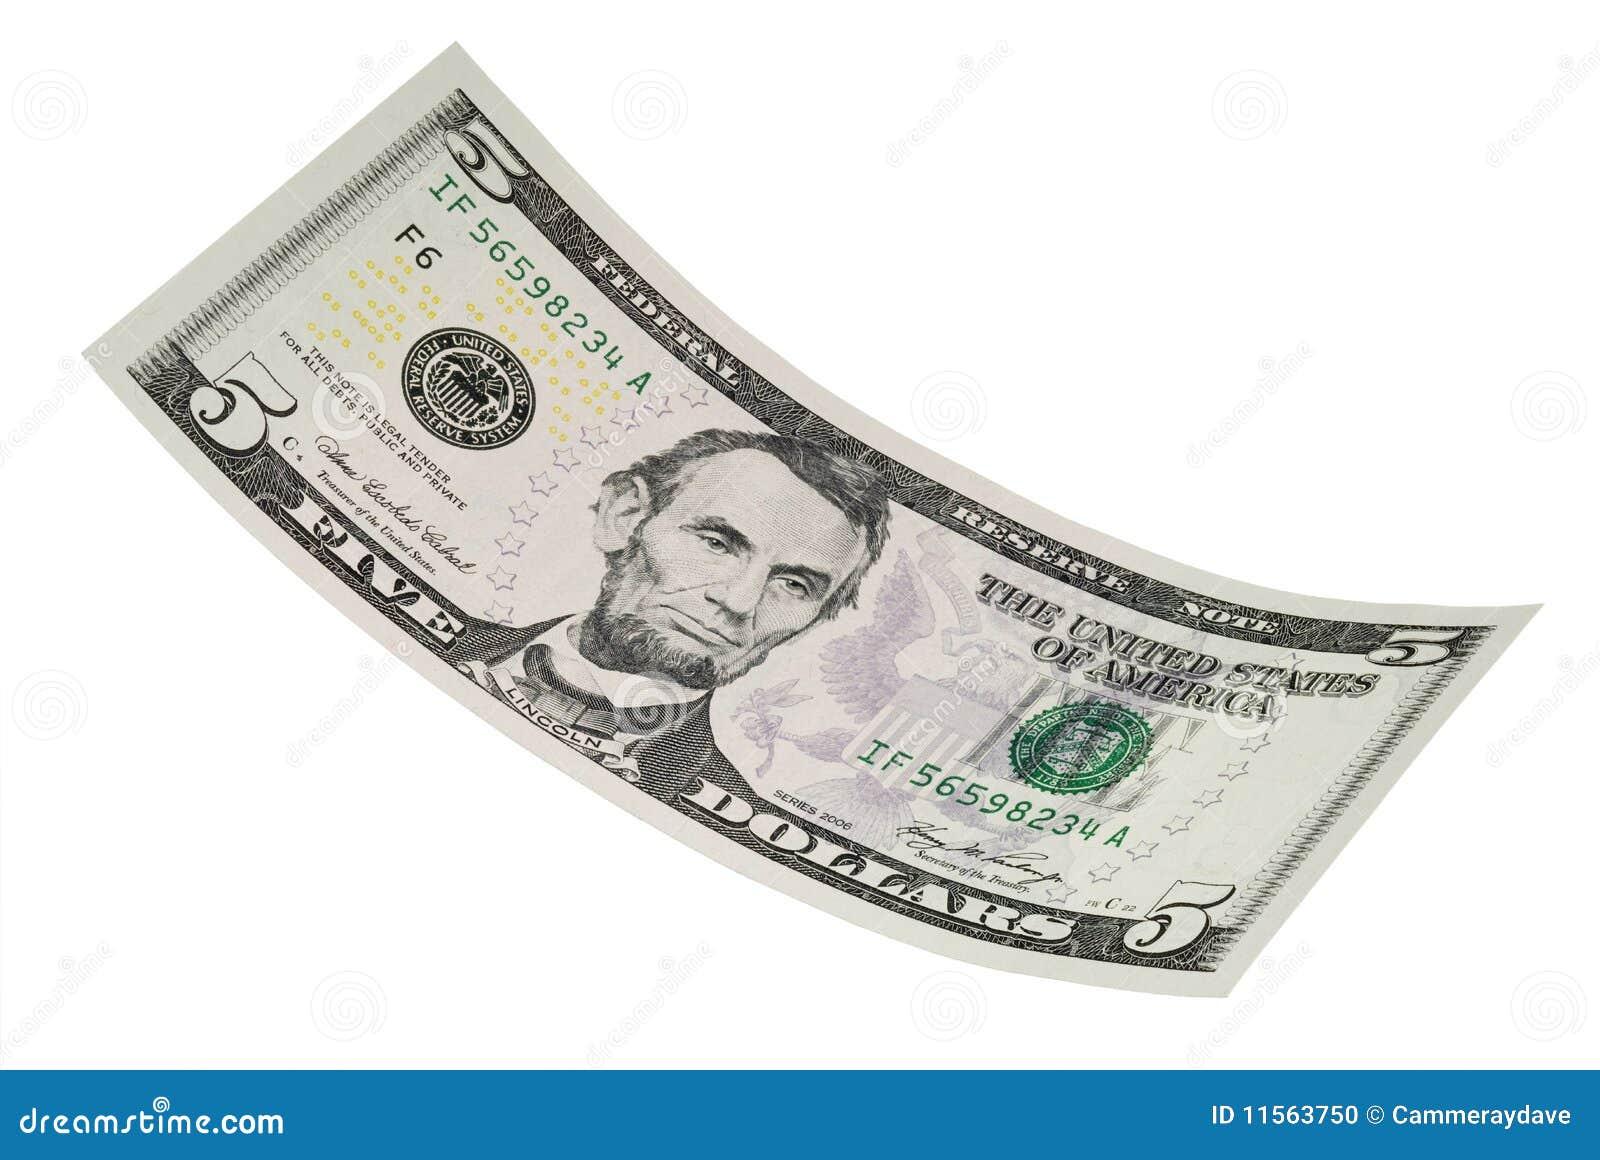 D isolement billet de cinq dollars